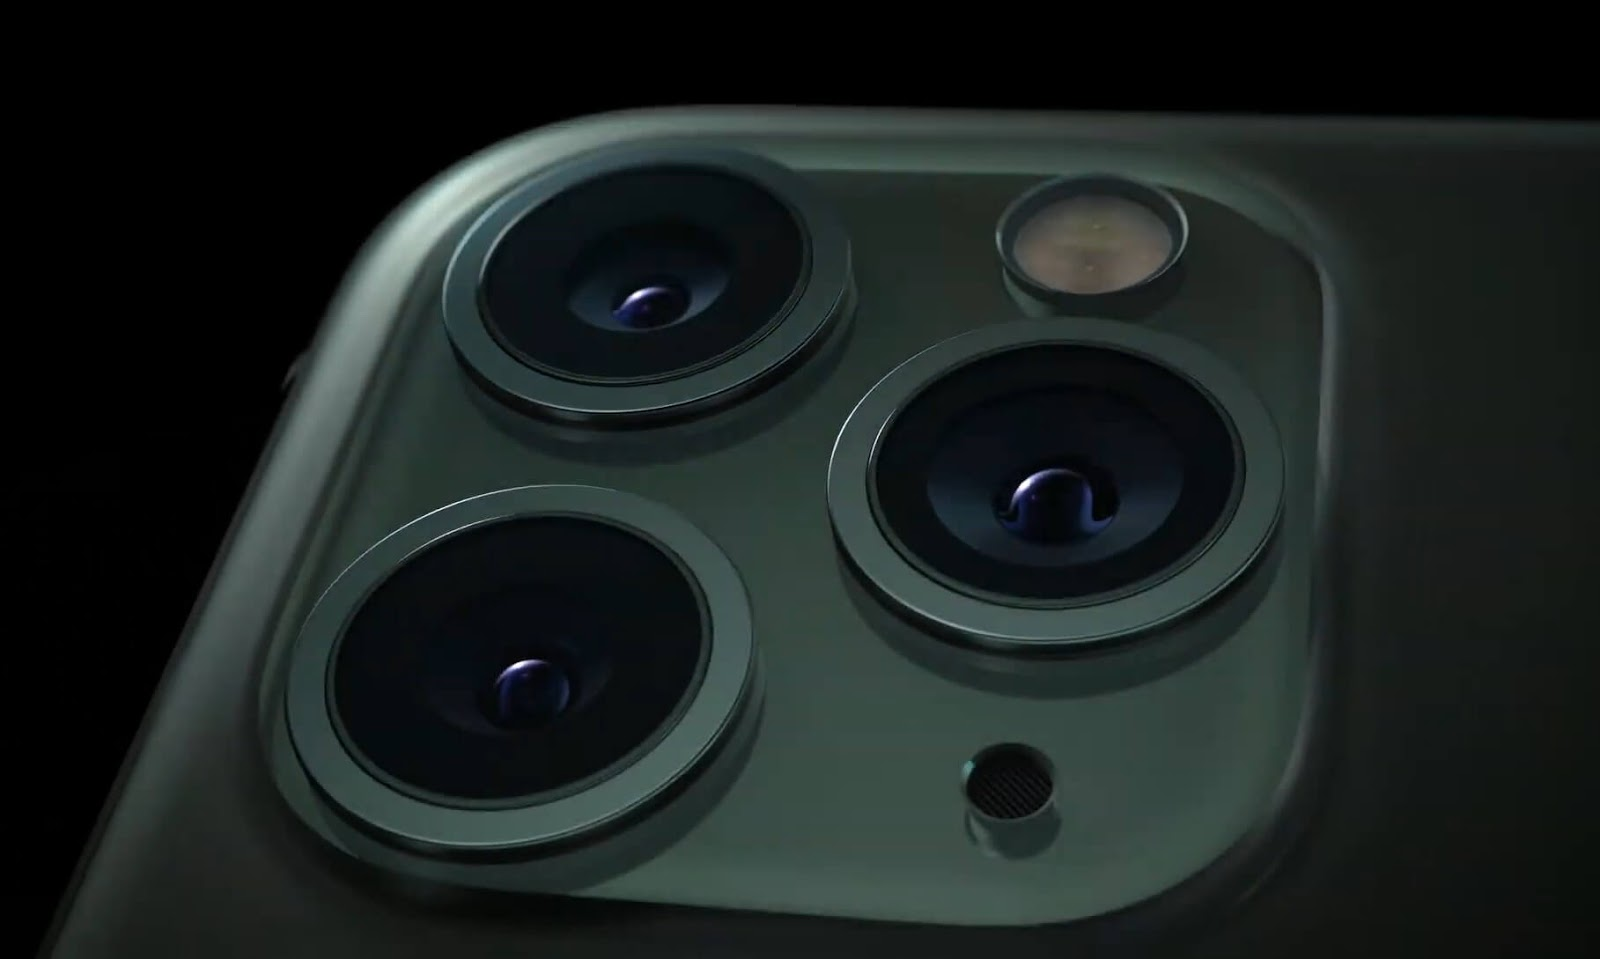 مواصفات iPhone 11 سعر وعيوب و مميزات ابل ايفون ١١